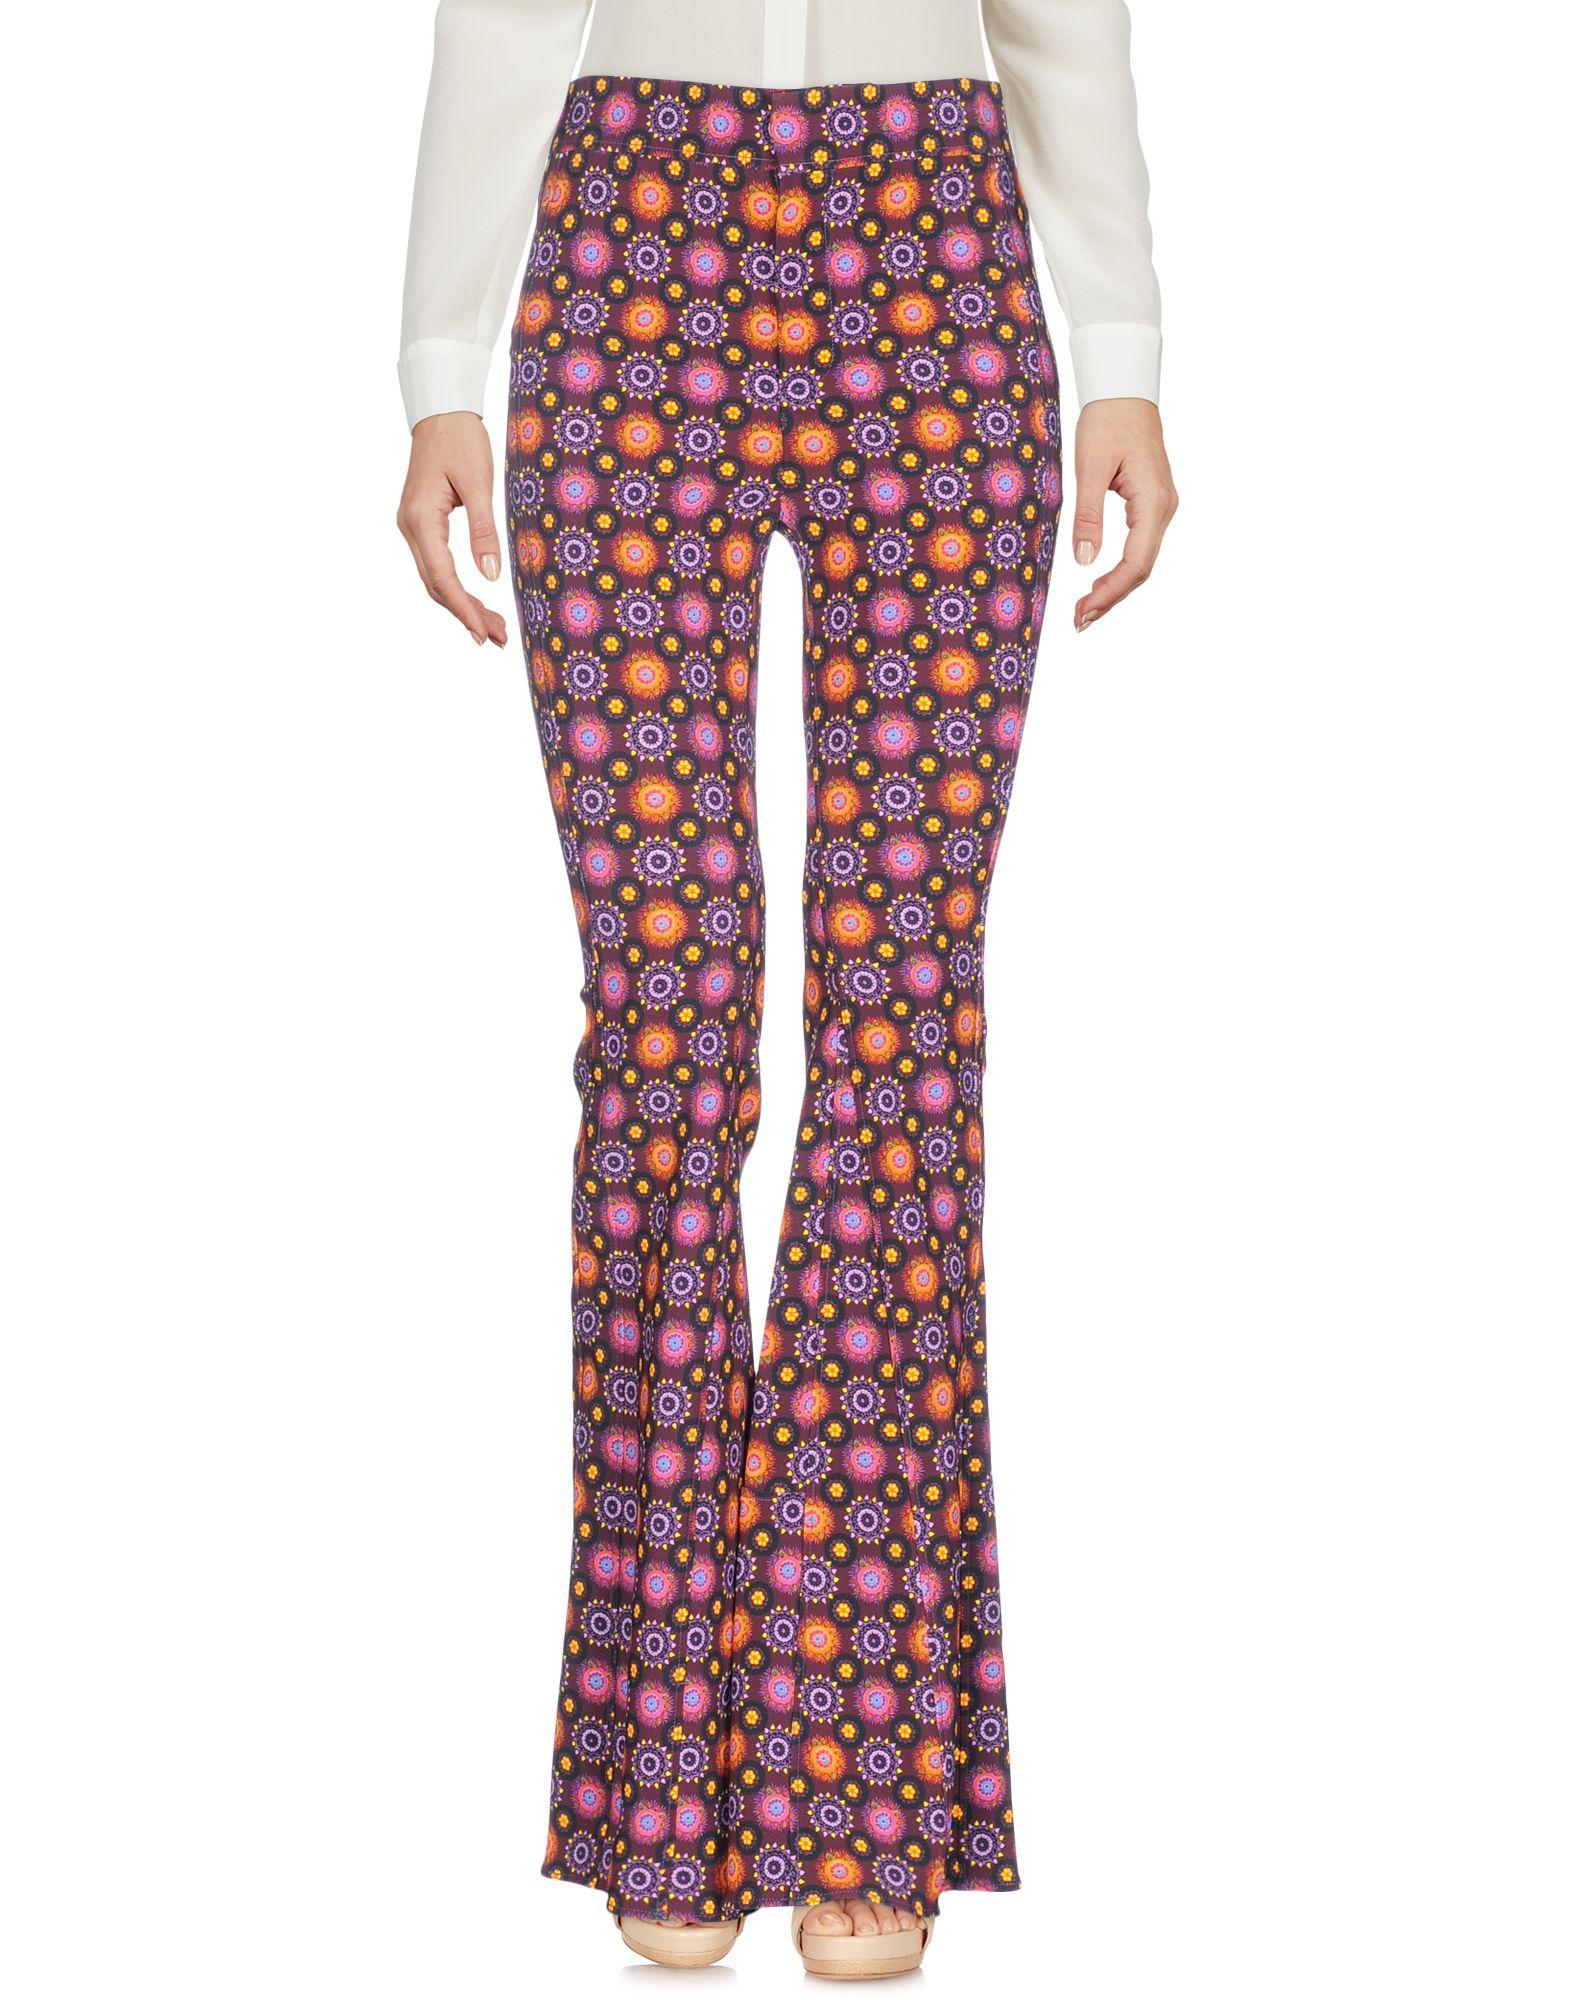 Pantalone Givenchy donna - 13153829QO 13153829QO 13153829QO 698